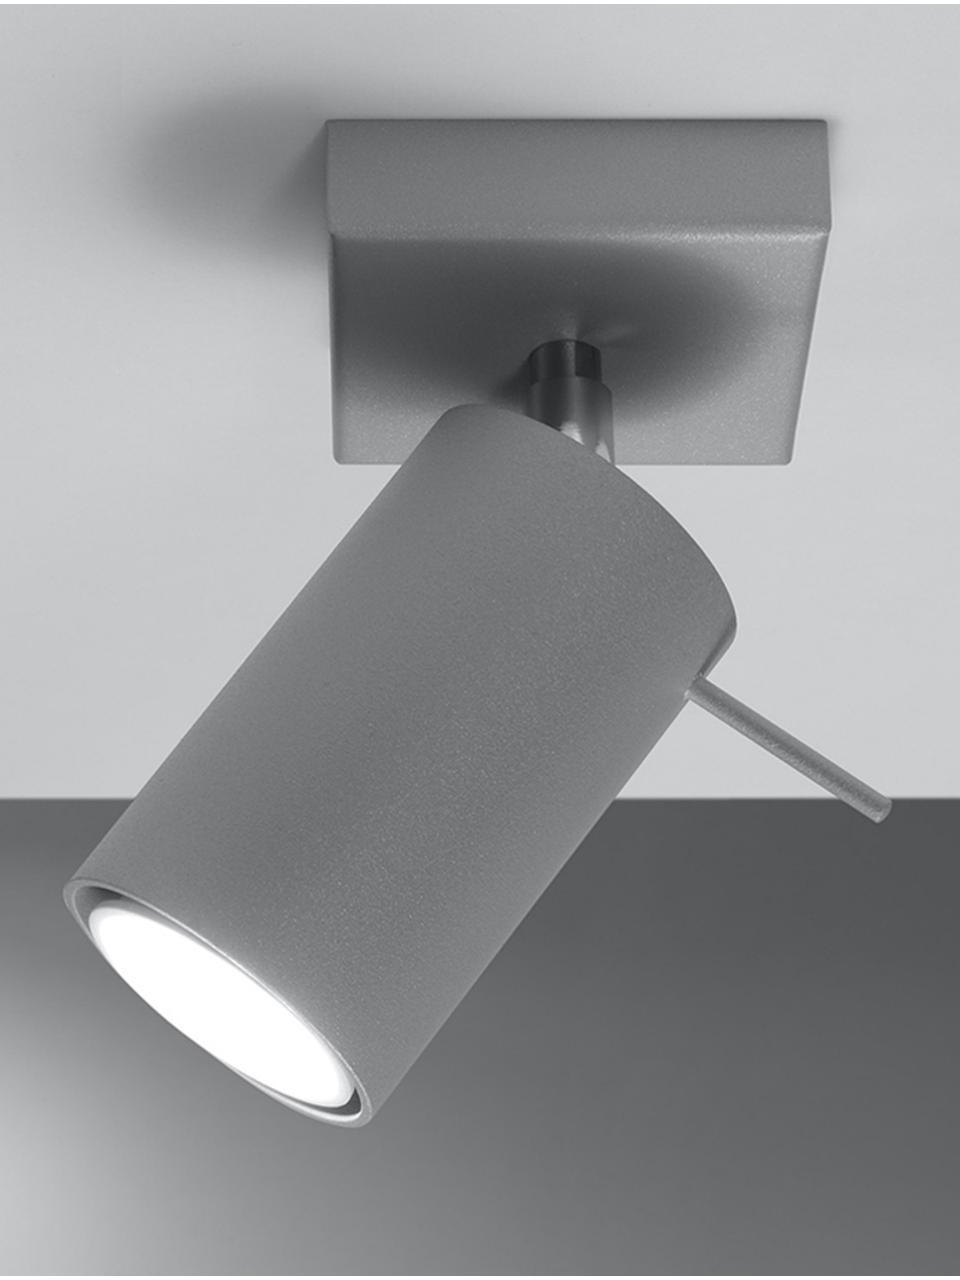 Wand- und Deckenstrahler Etna in Grau, Lampenschirm: Stahl, lackiert, Baldachin: Stahl, lackiert, Grau, 8 x 15 cm